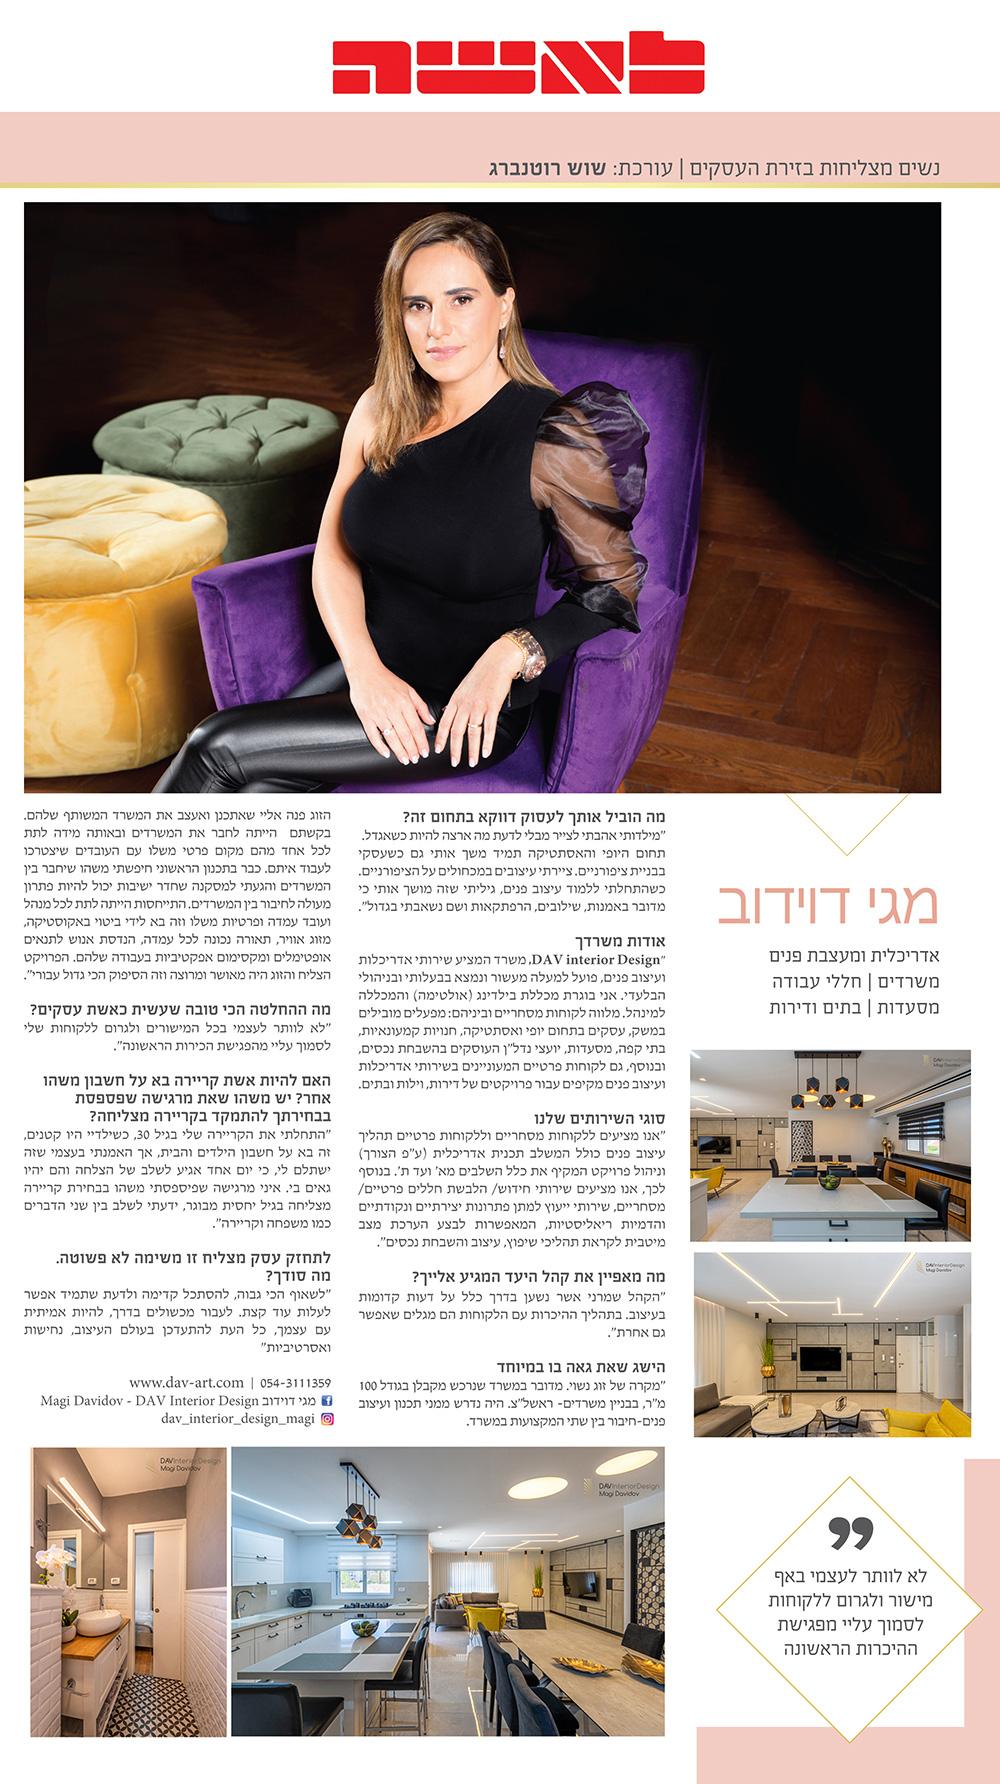 כתבה על מגי דוידוב במגזין לאישה